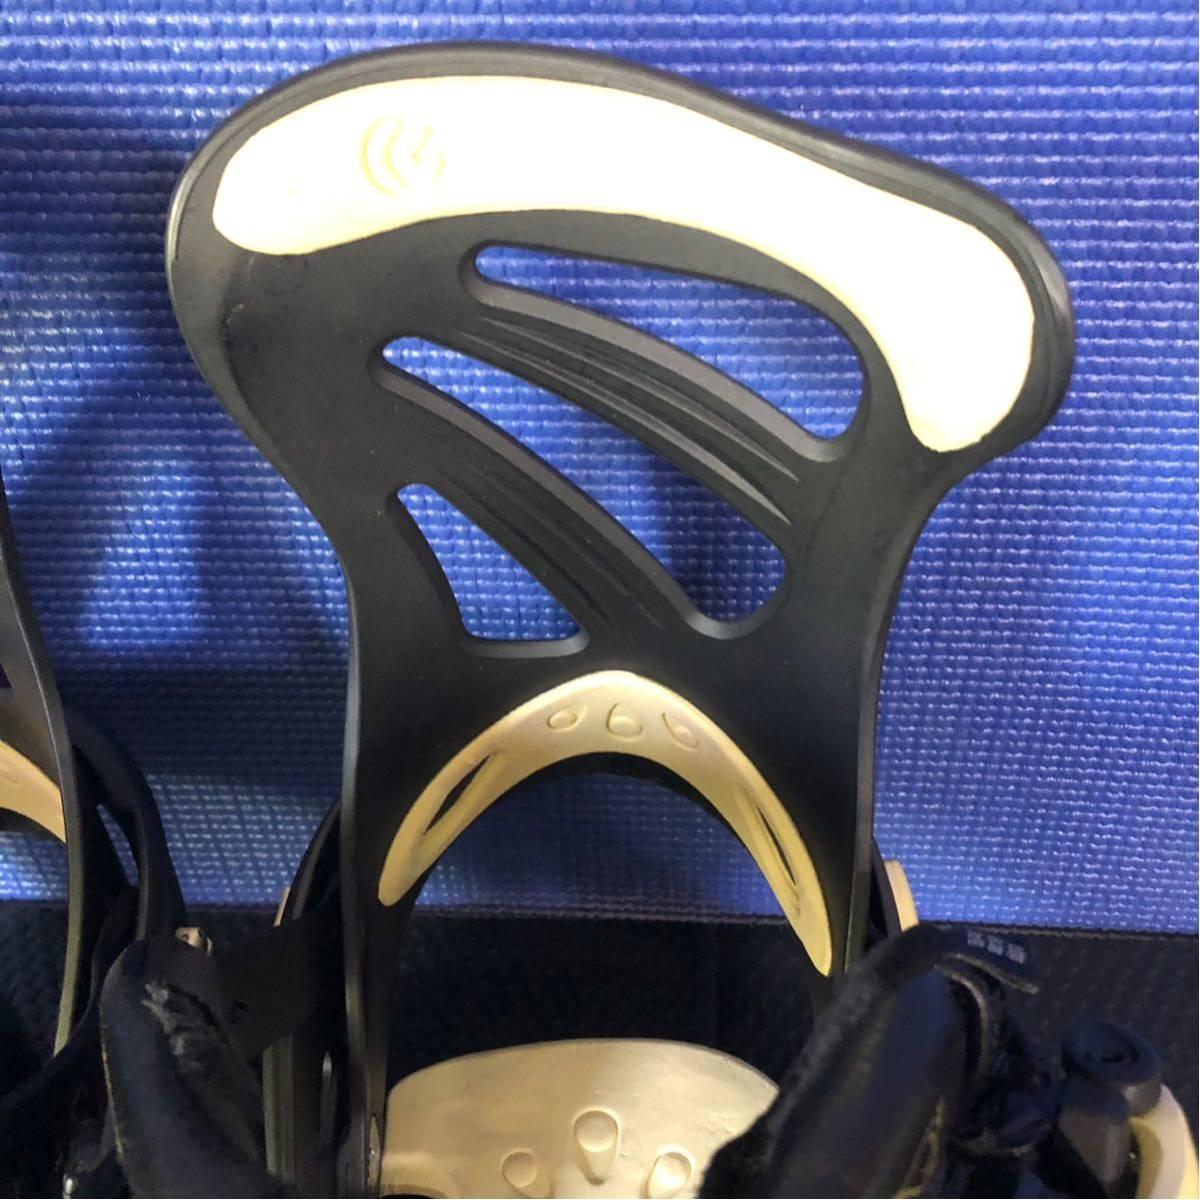 【BD014】激安!! FLUX (フラックス) / モデル: FLUX DS / サイズ: M / スノーボード・バインディング 初心者歓迎!!_画像8